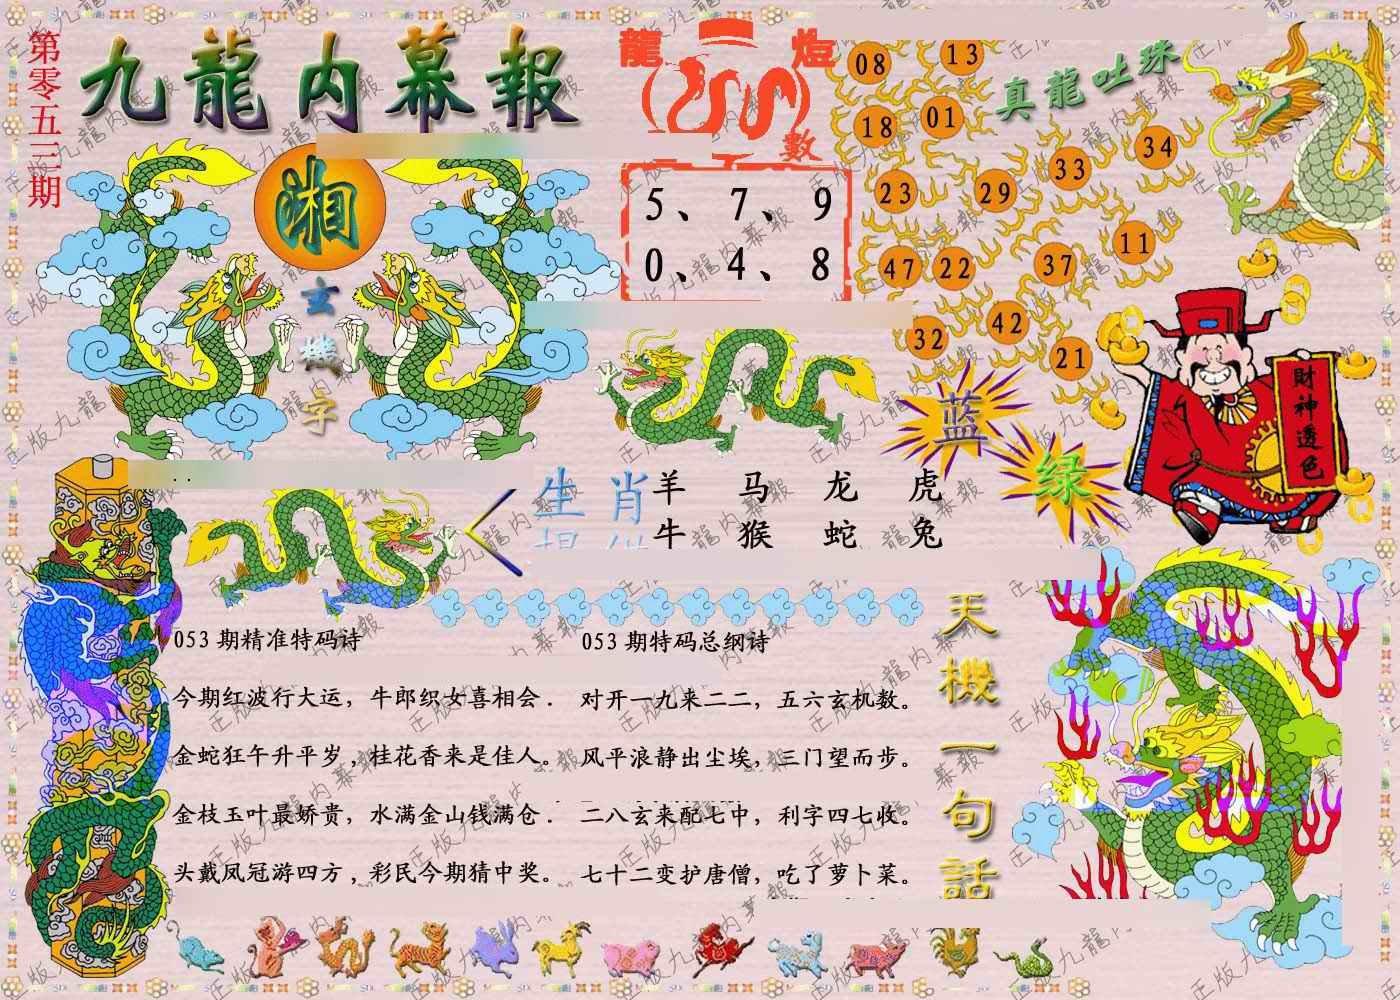 053期正版九龙内幕报